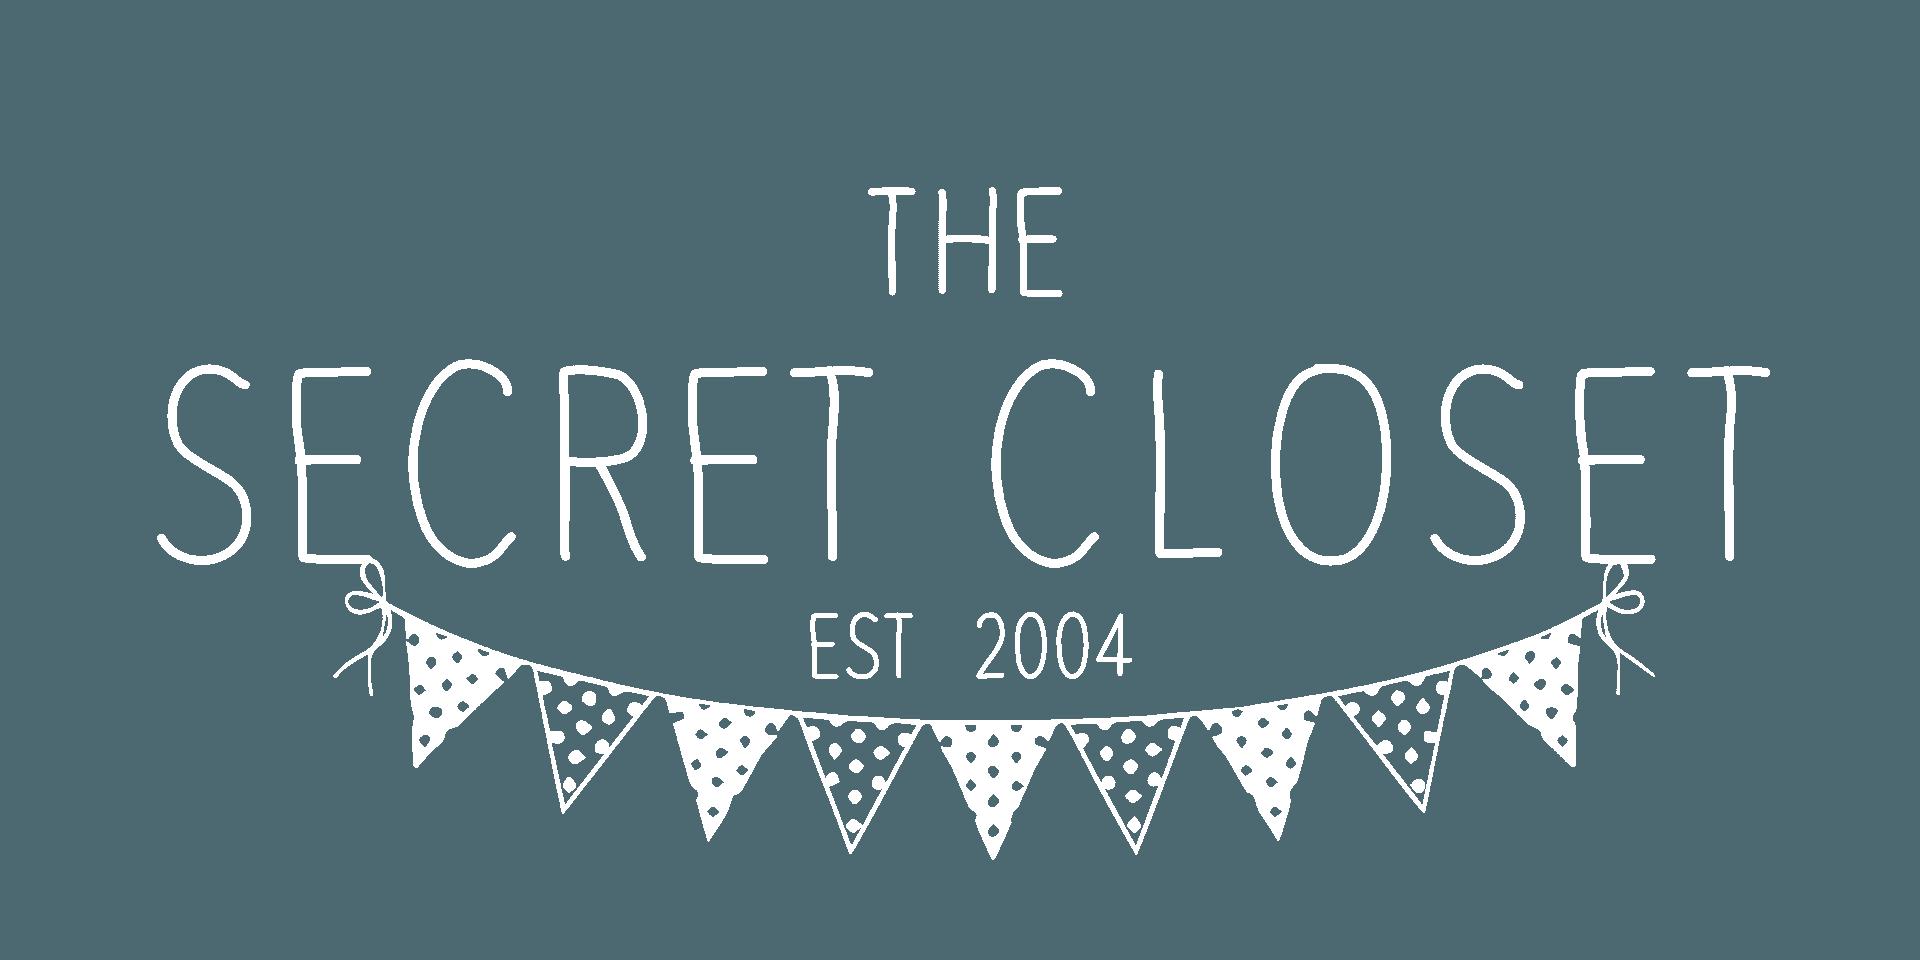 The secret Closet logo